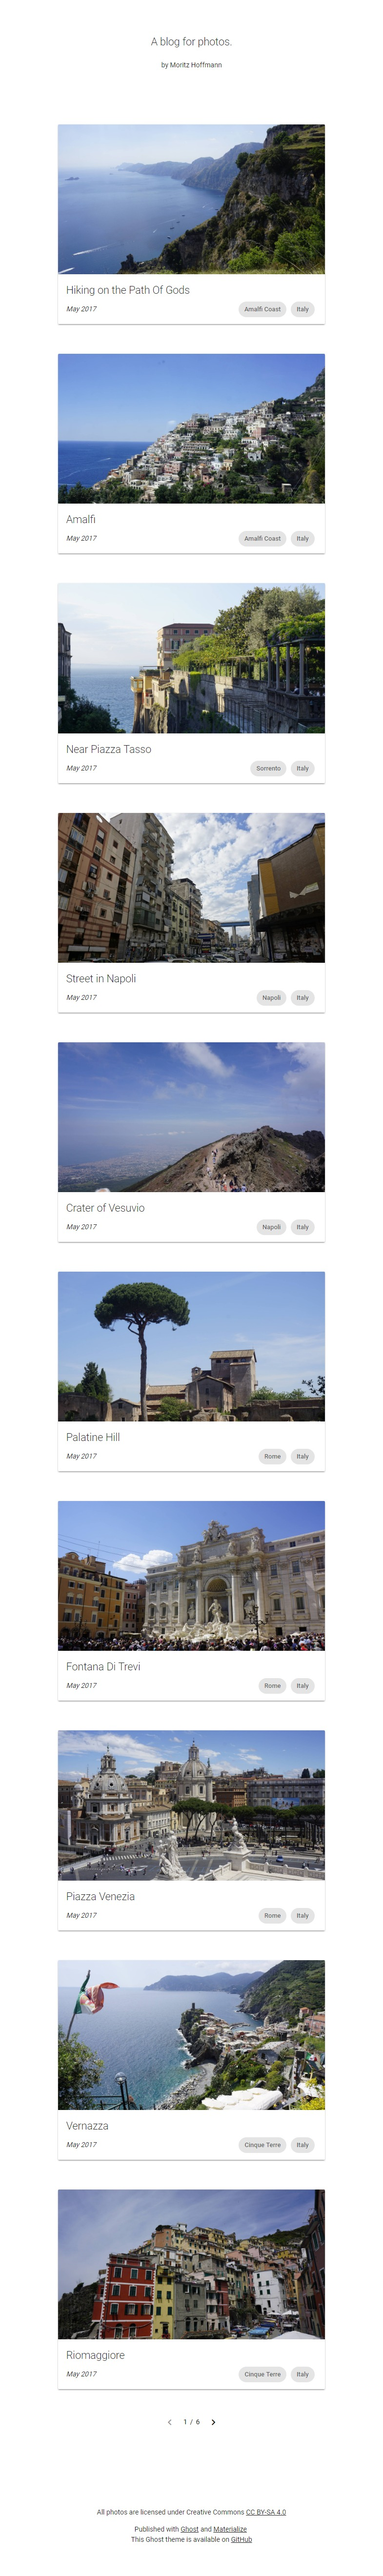 A-blog-for-photos-